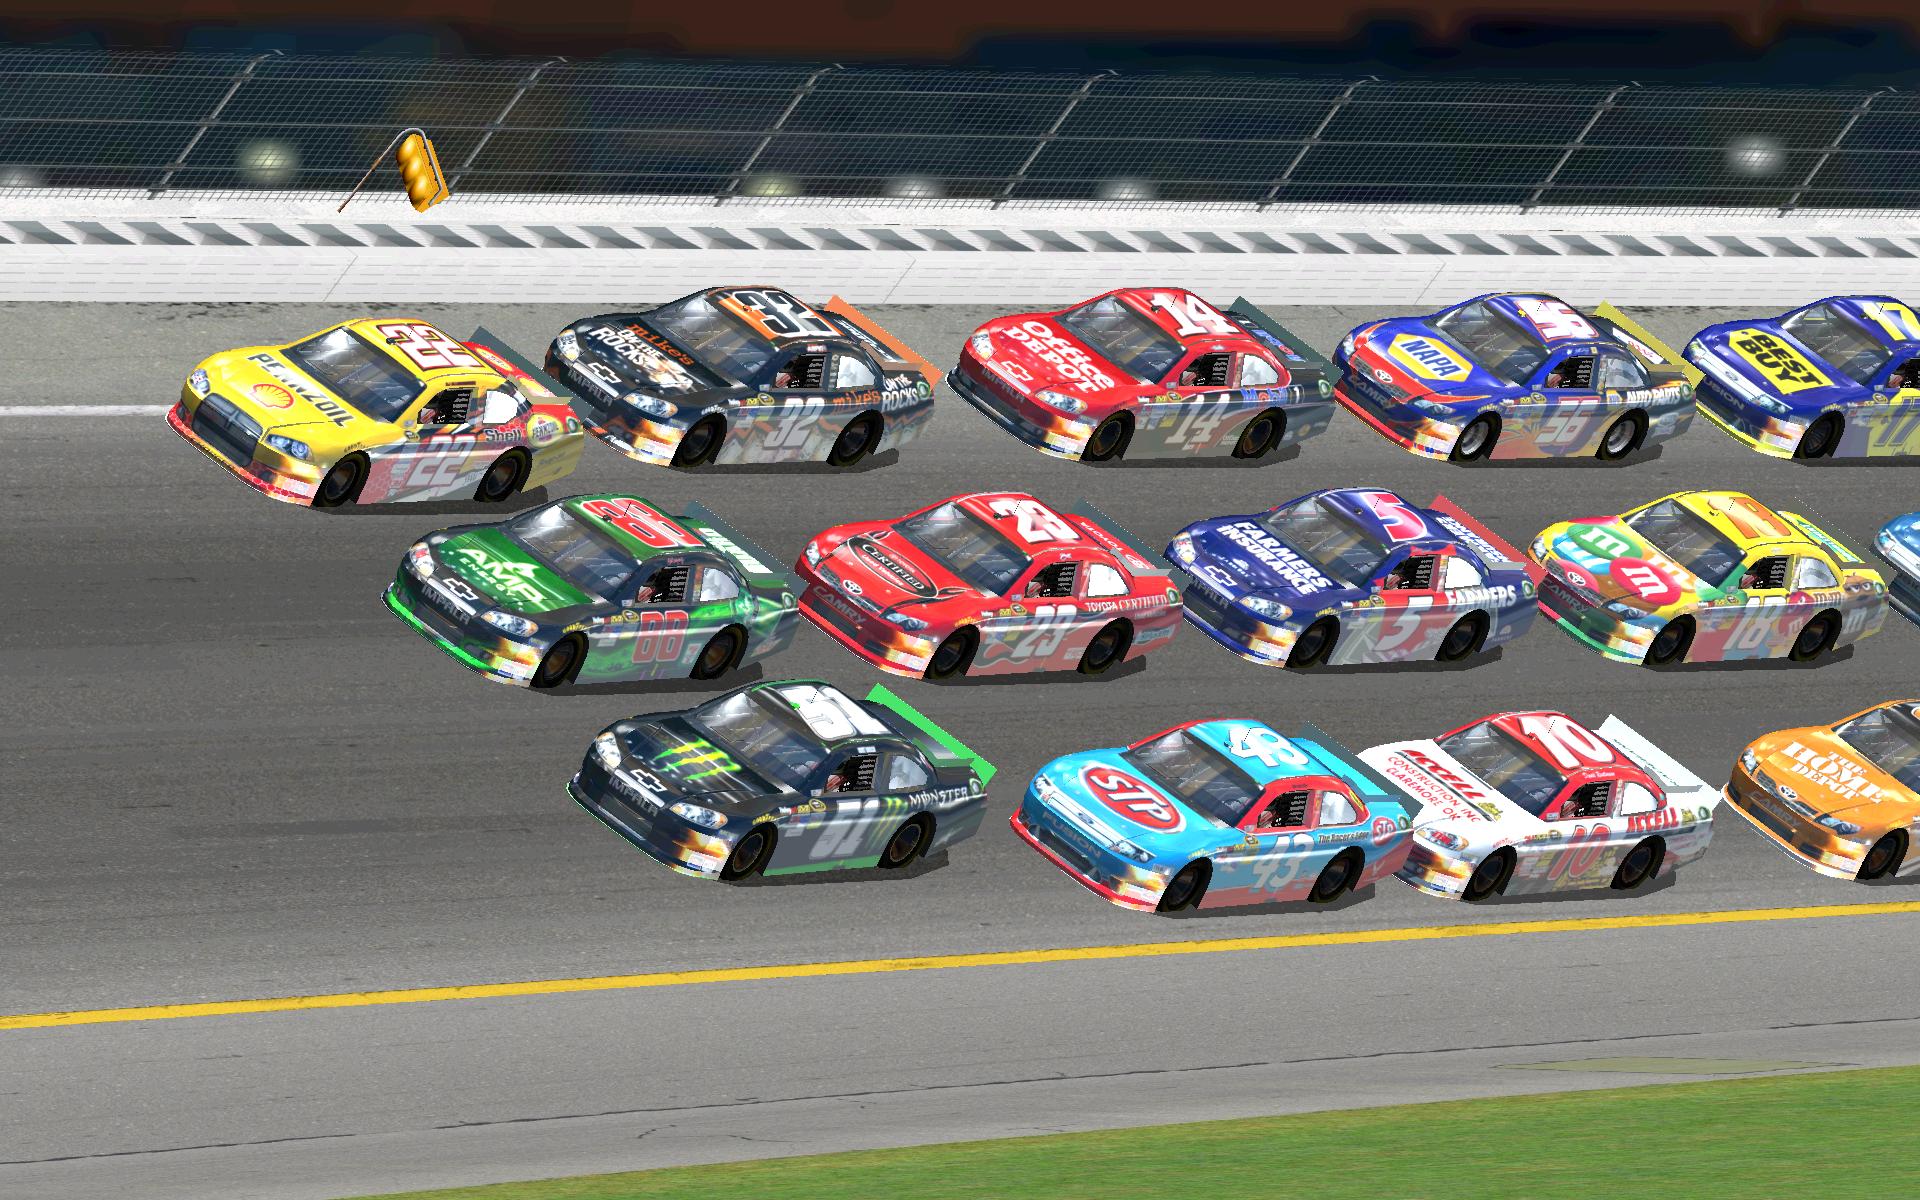 NASCAR Racing 2003 Season (Game) - Giant Bomb